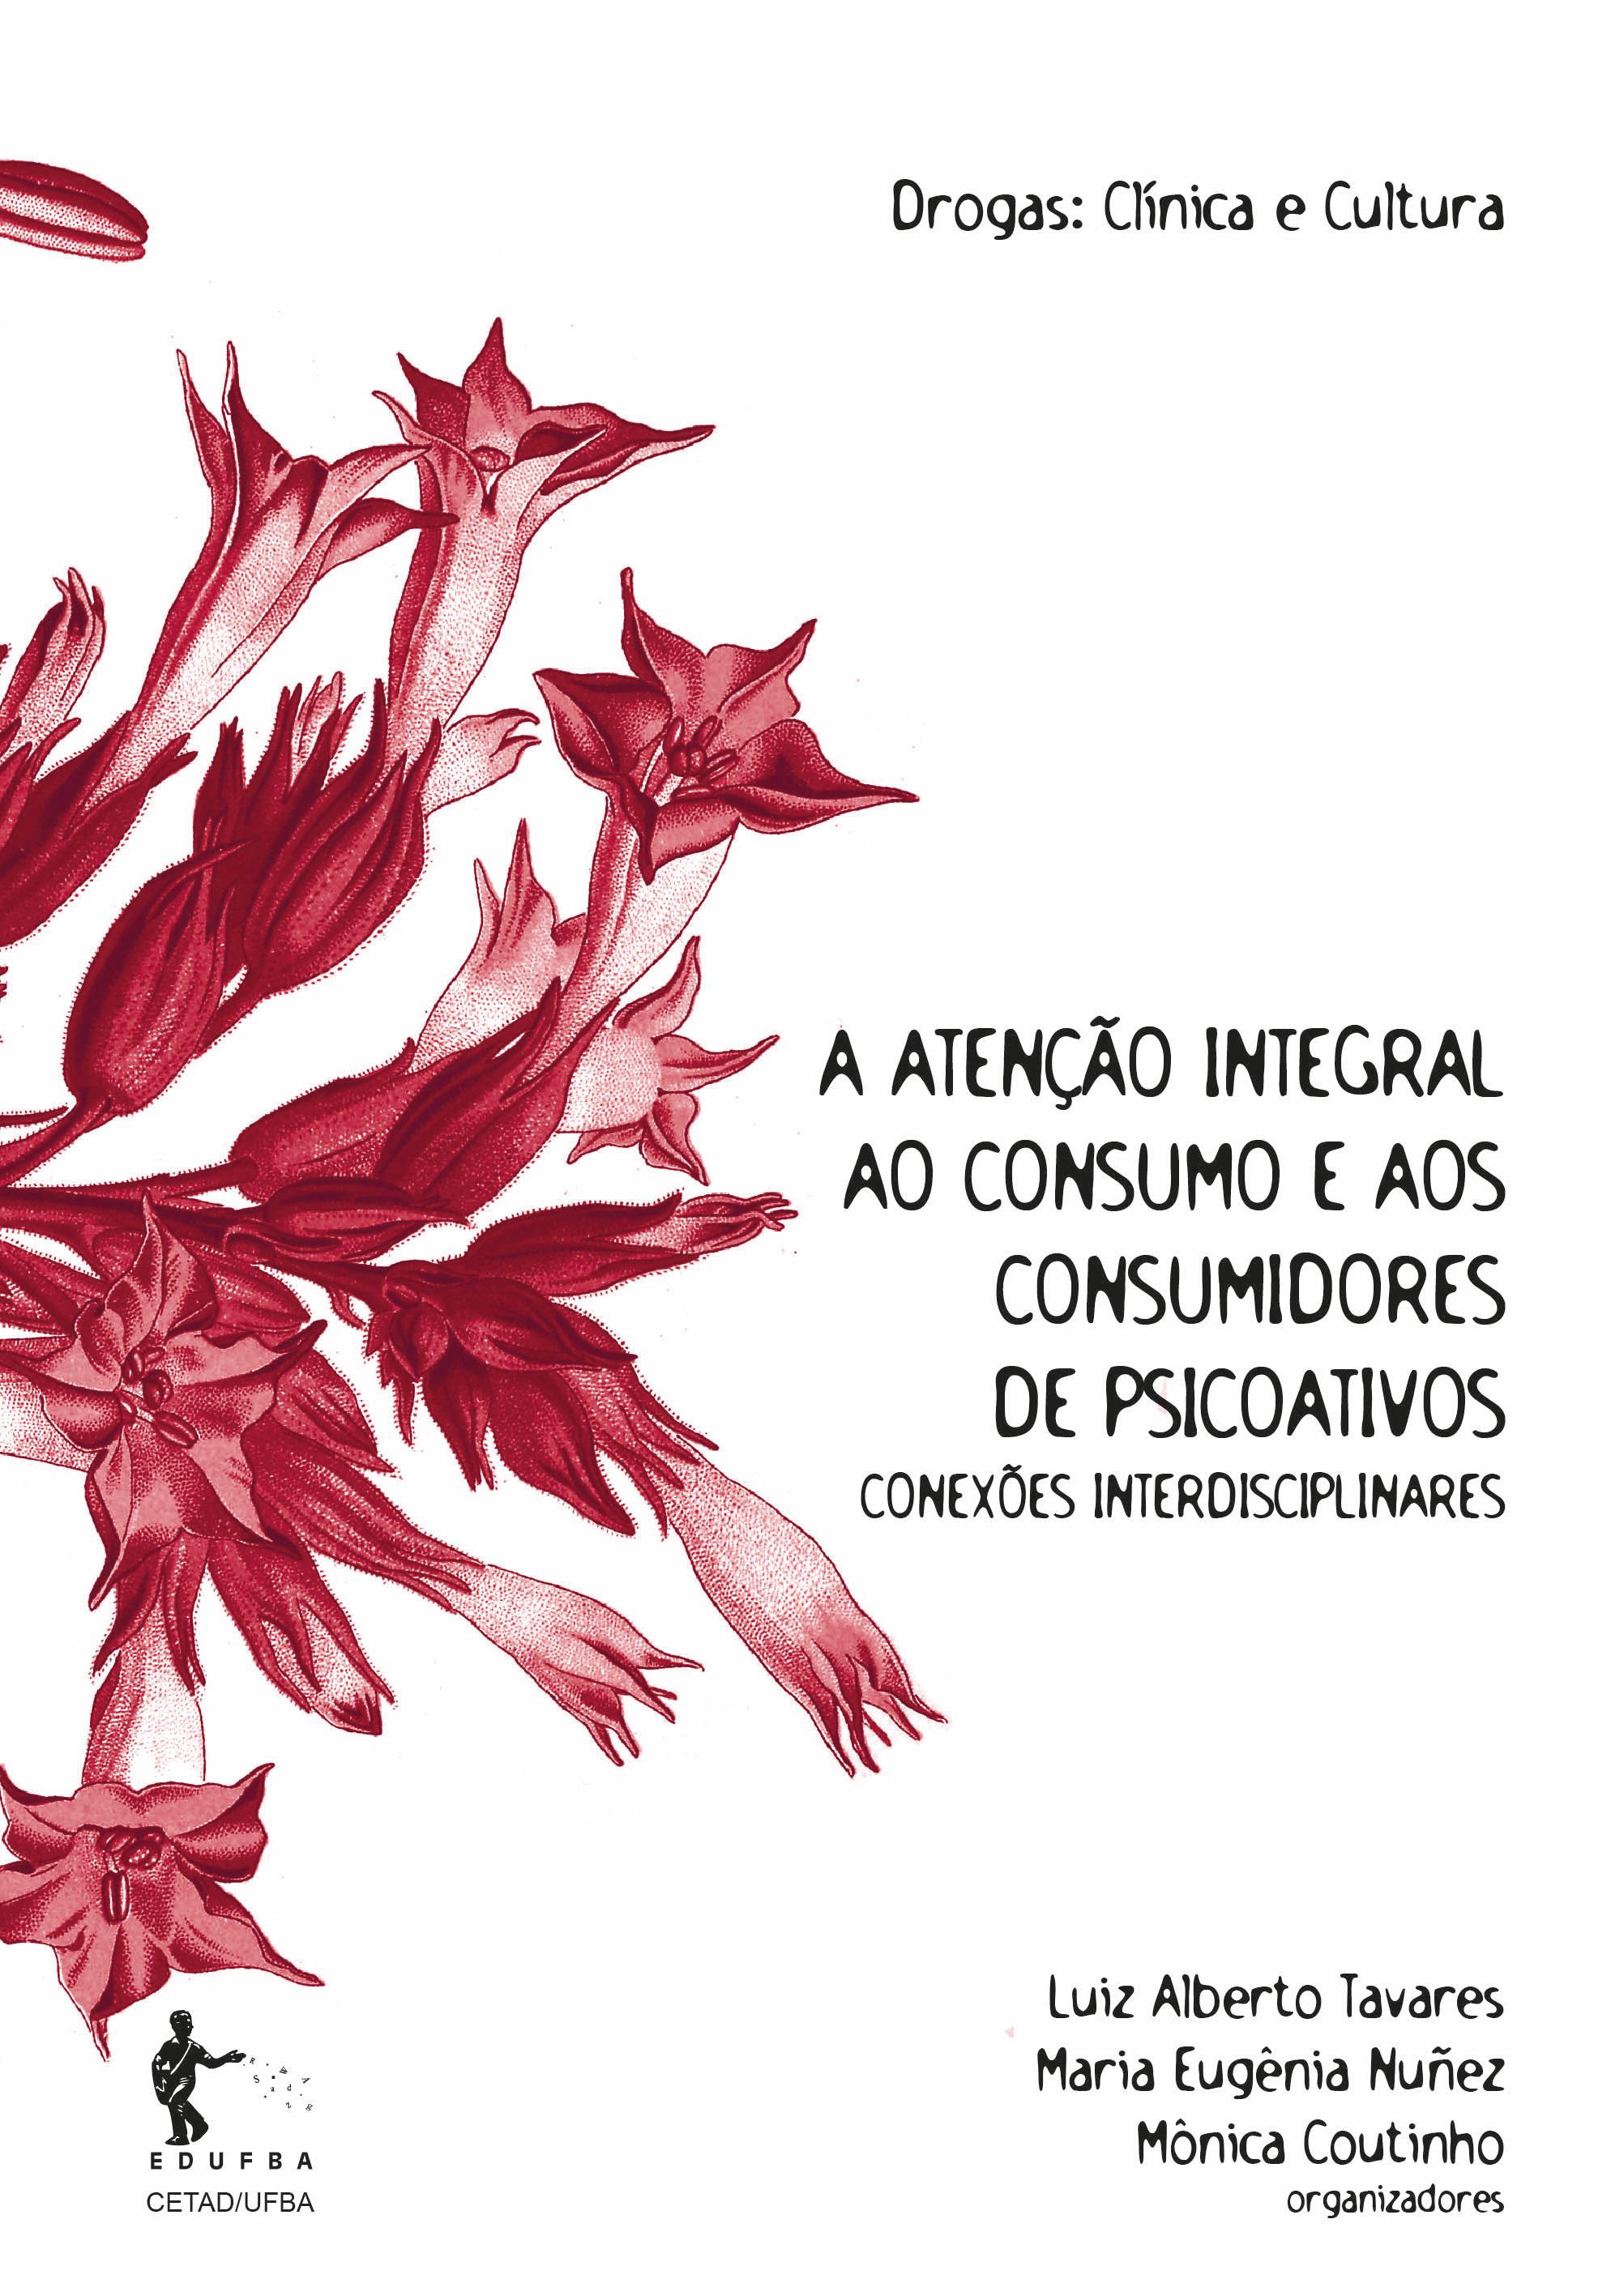 A atenção integral ao consumo e aos consumidores de psicoativos: conexões interdisciplinares, livro de Luiz Alberto Tavares, Maria Eugênia Nunez, Mônica Coutinho